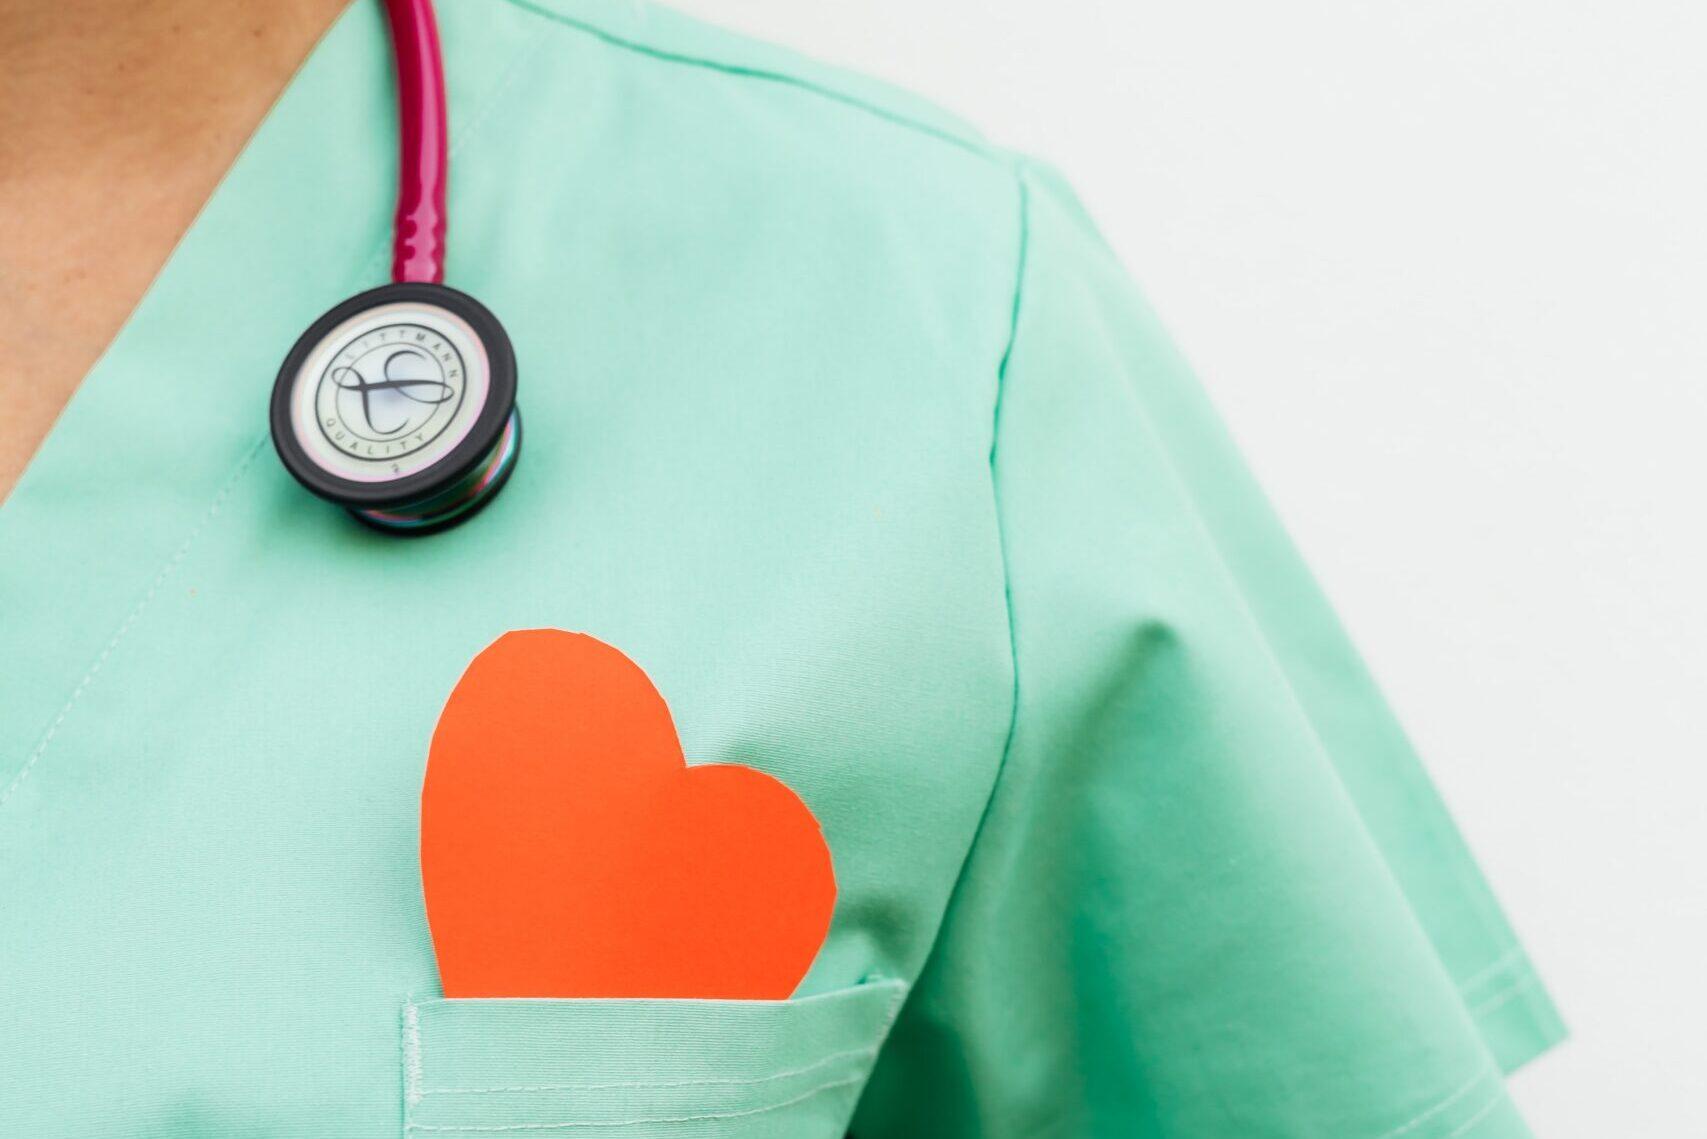 kloppend hart van zorgprofessional